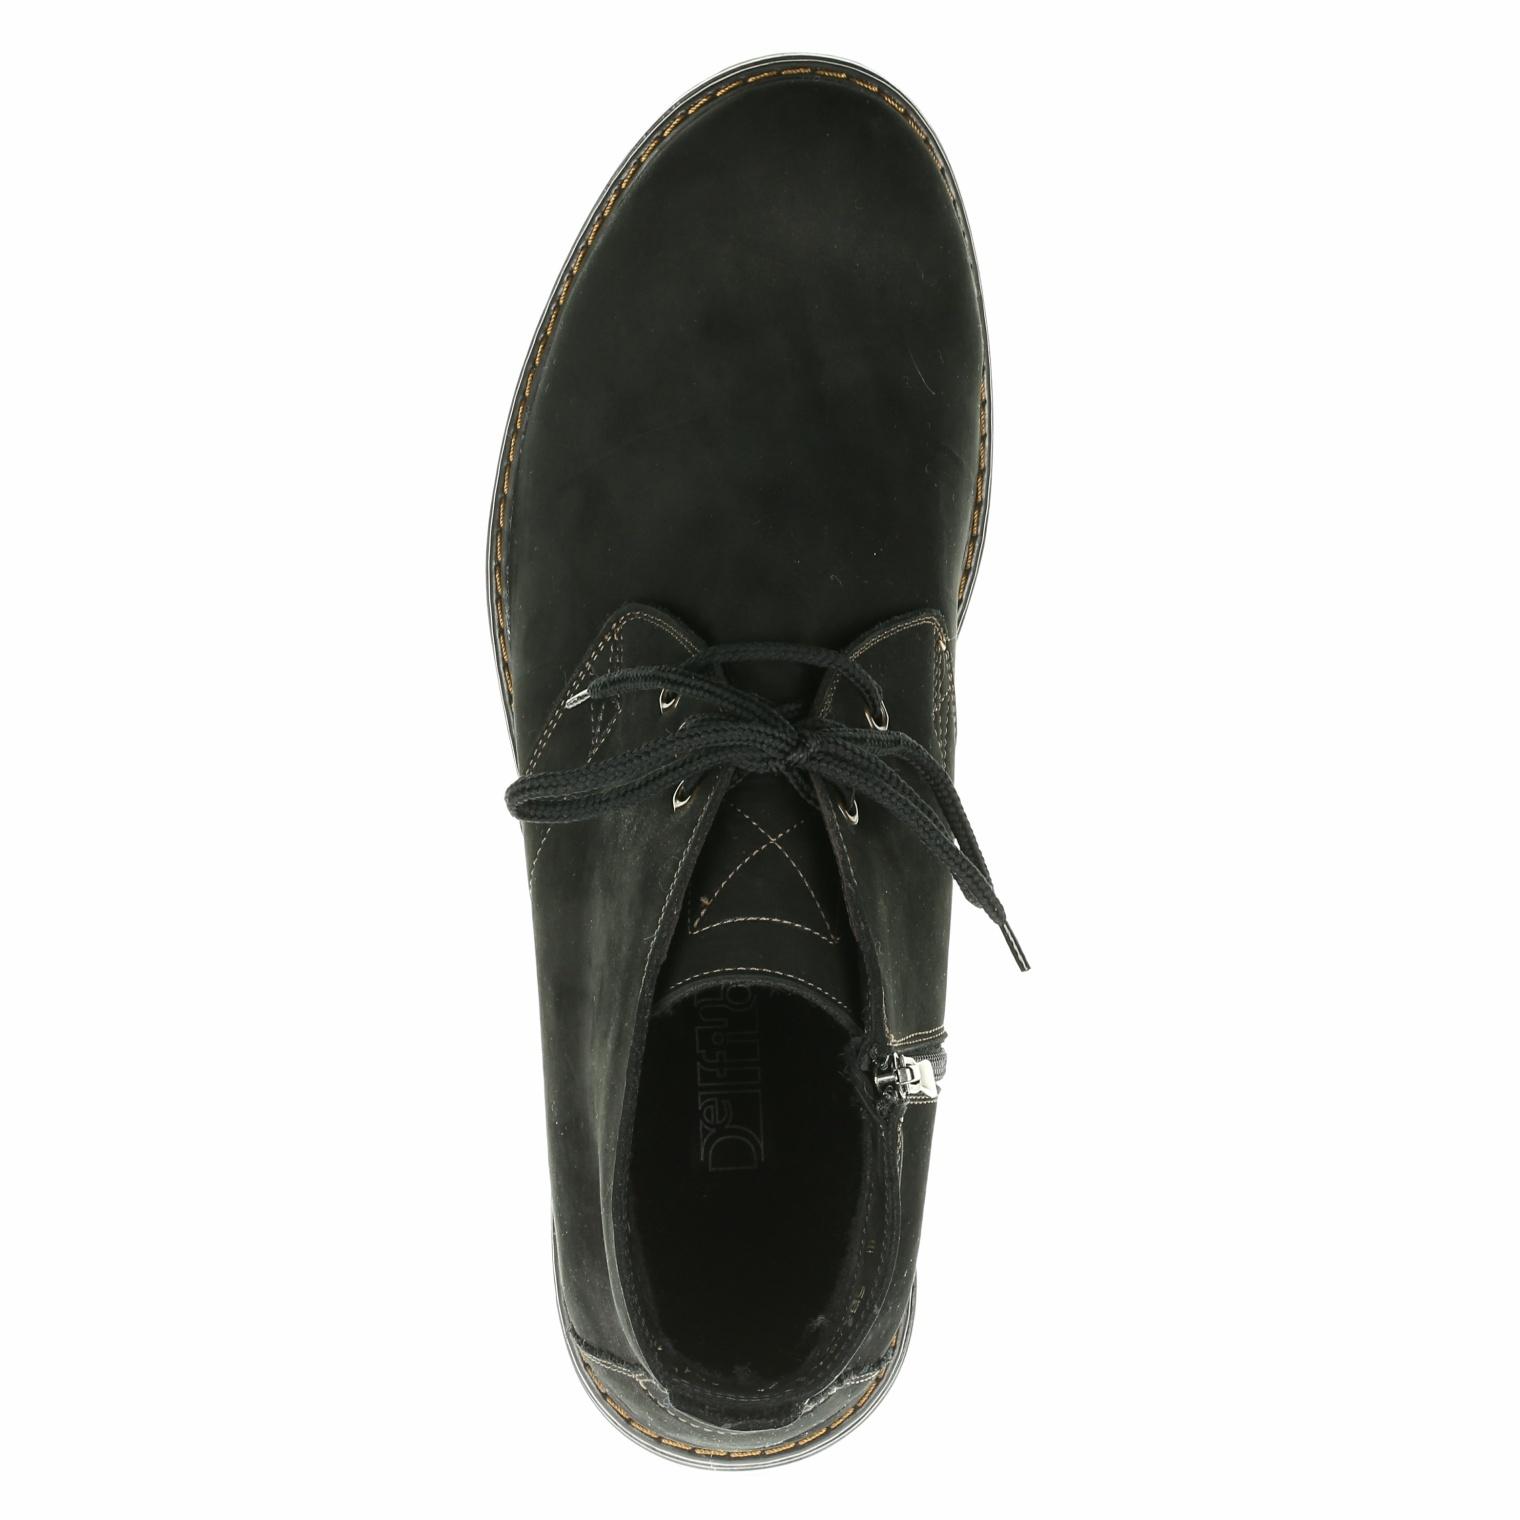 566483 ботинки мужские черные байка больших размеров марки Делфино